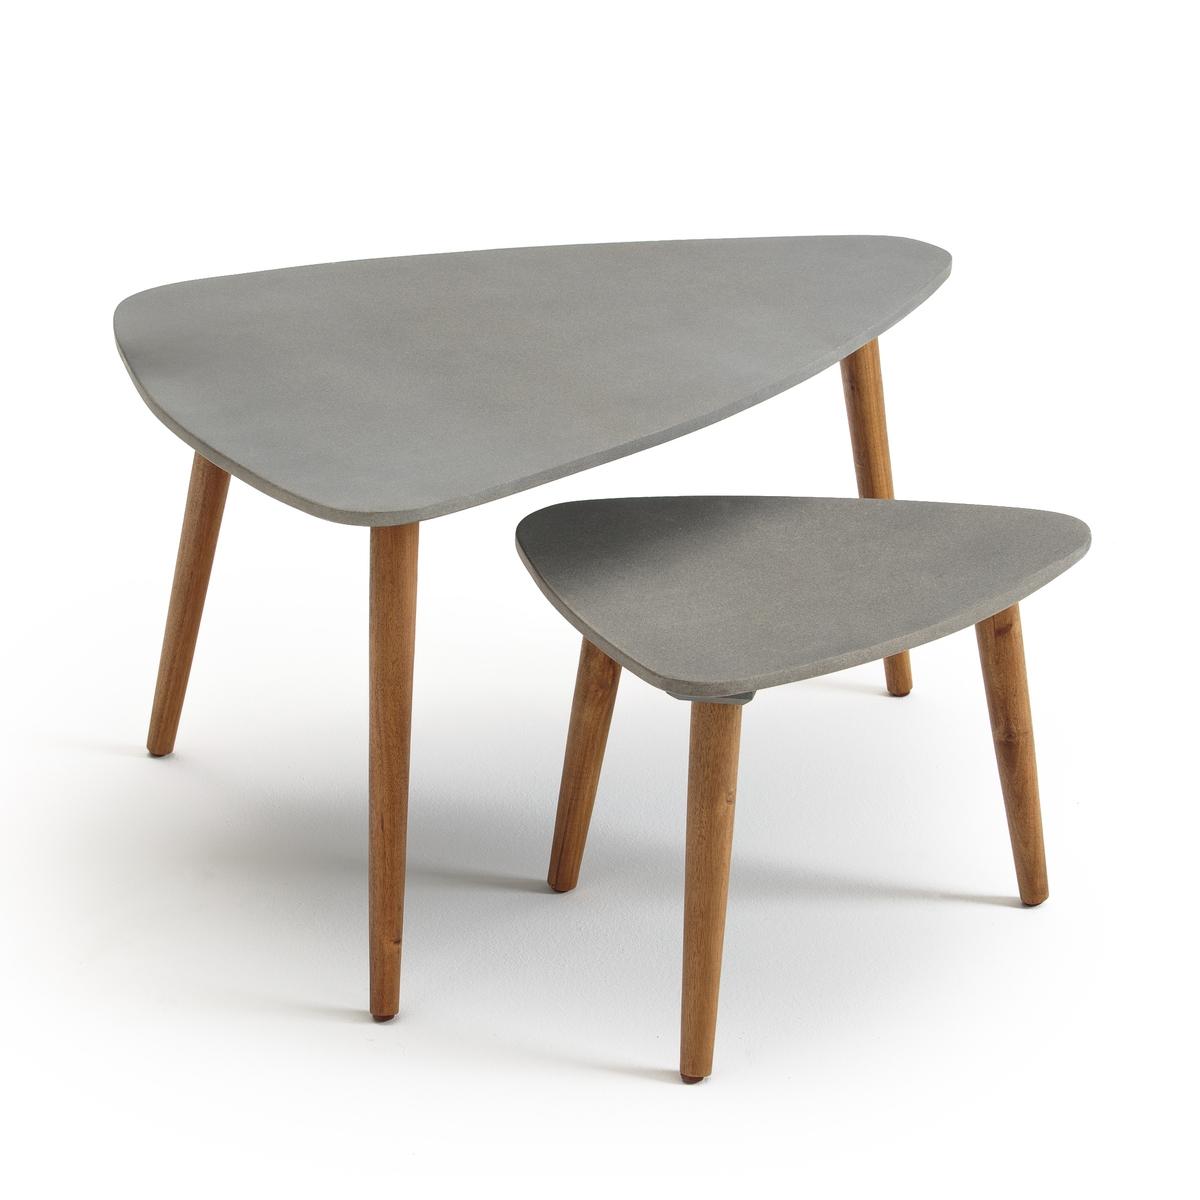 Комплект из 2 журнальных столиков для сада, вдвигающихся друг в друга, Julma